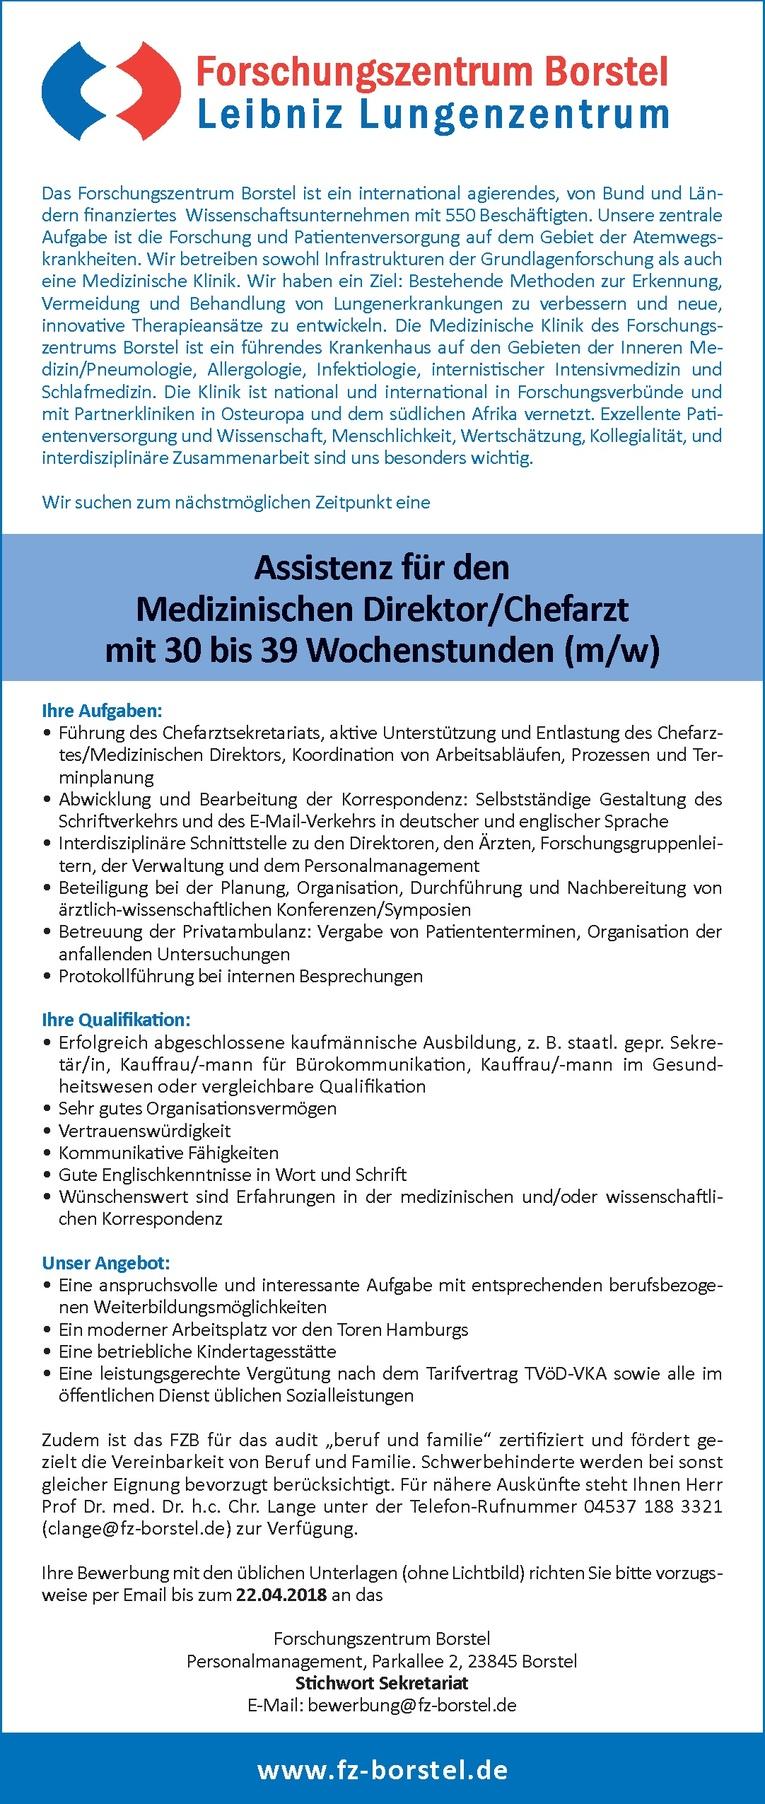 Assistenz für den Medizinischen Direktor/Chefarzt